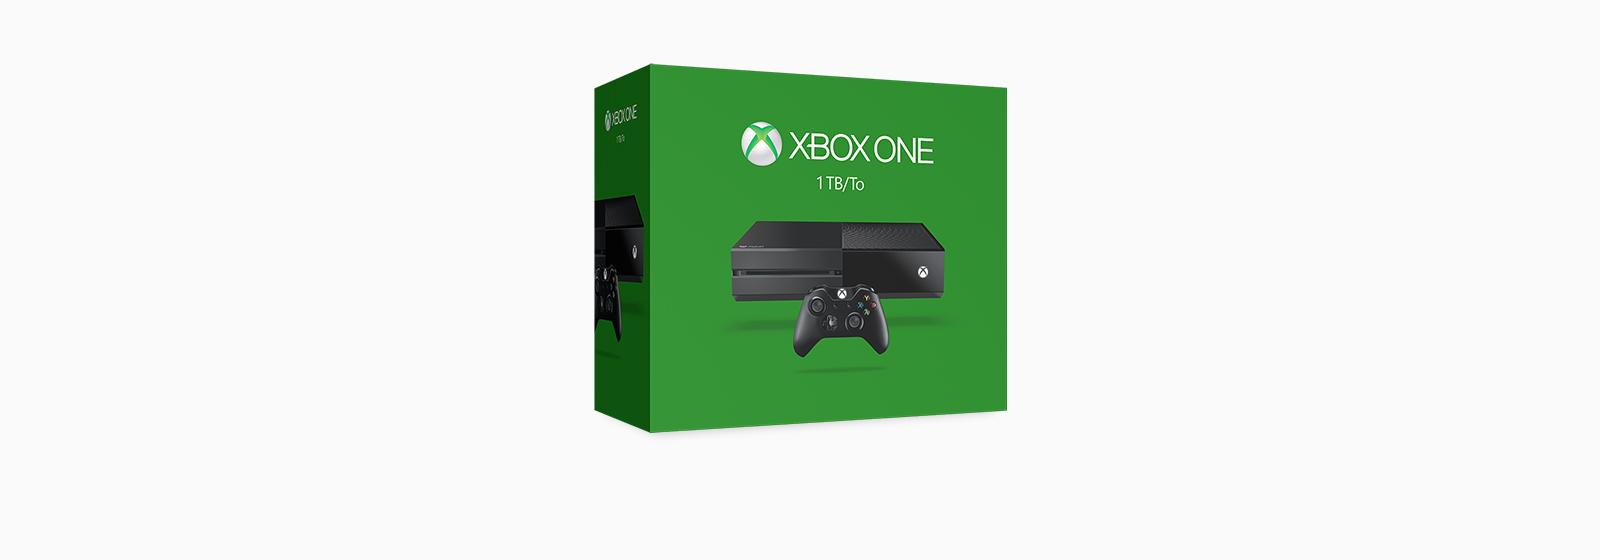 Apprenez-en plus sur la nouvelle console Xbox et son disque dur d'1To.